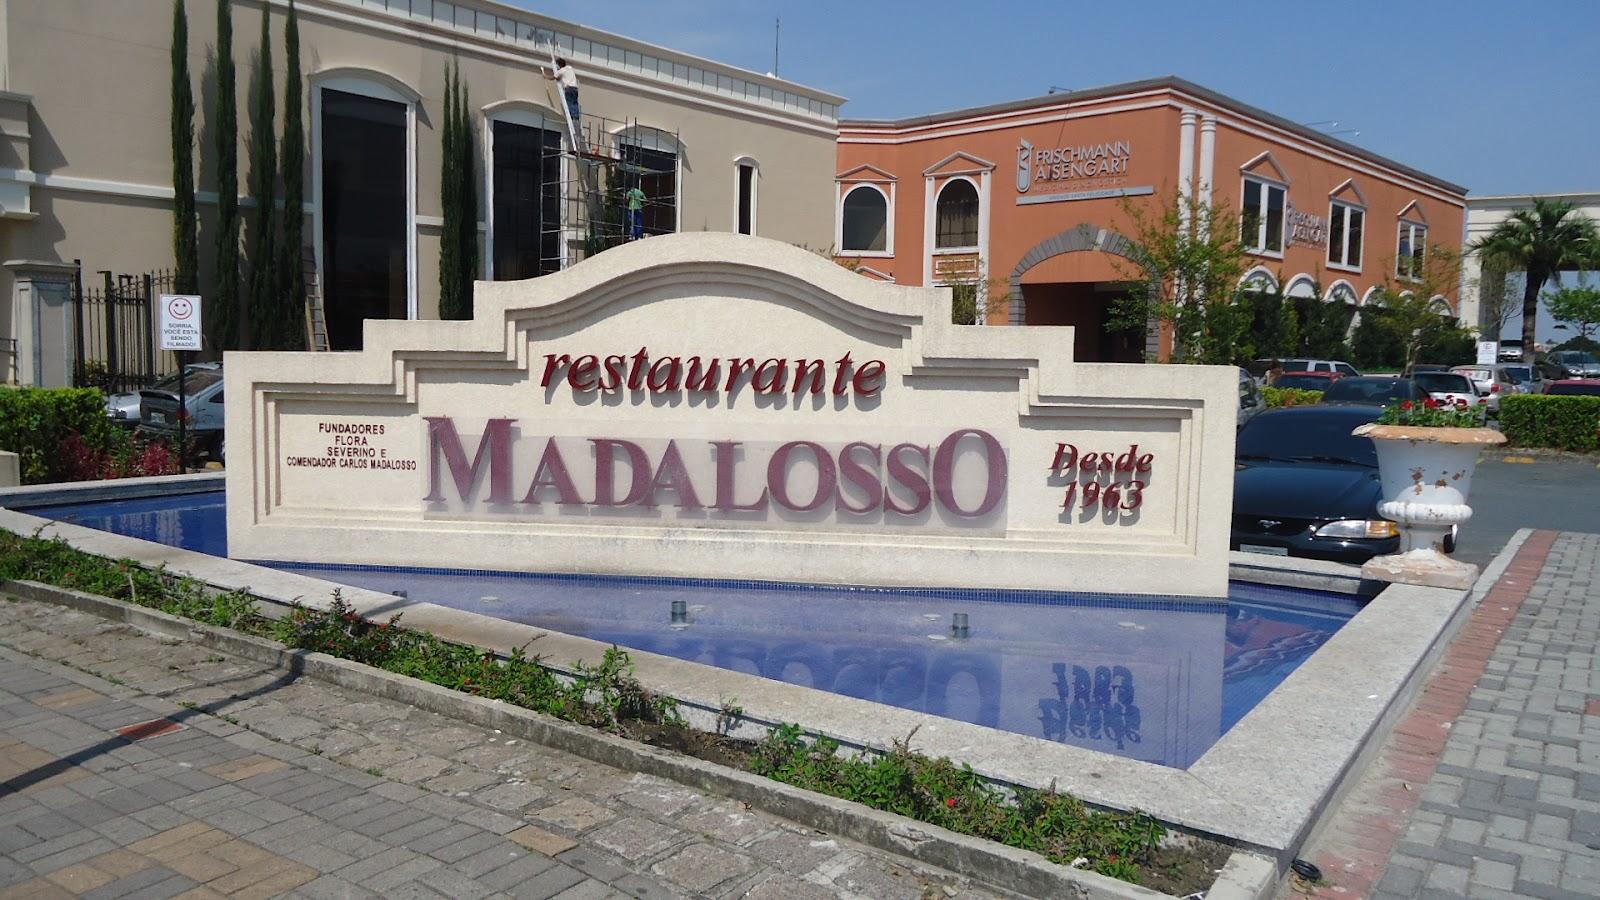 em frente ao restaurante Madalosso. Quero saber quem ja fez isso: ir #32466F 1600 900